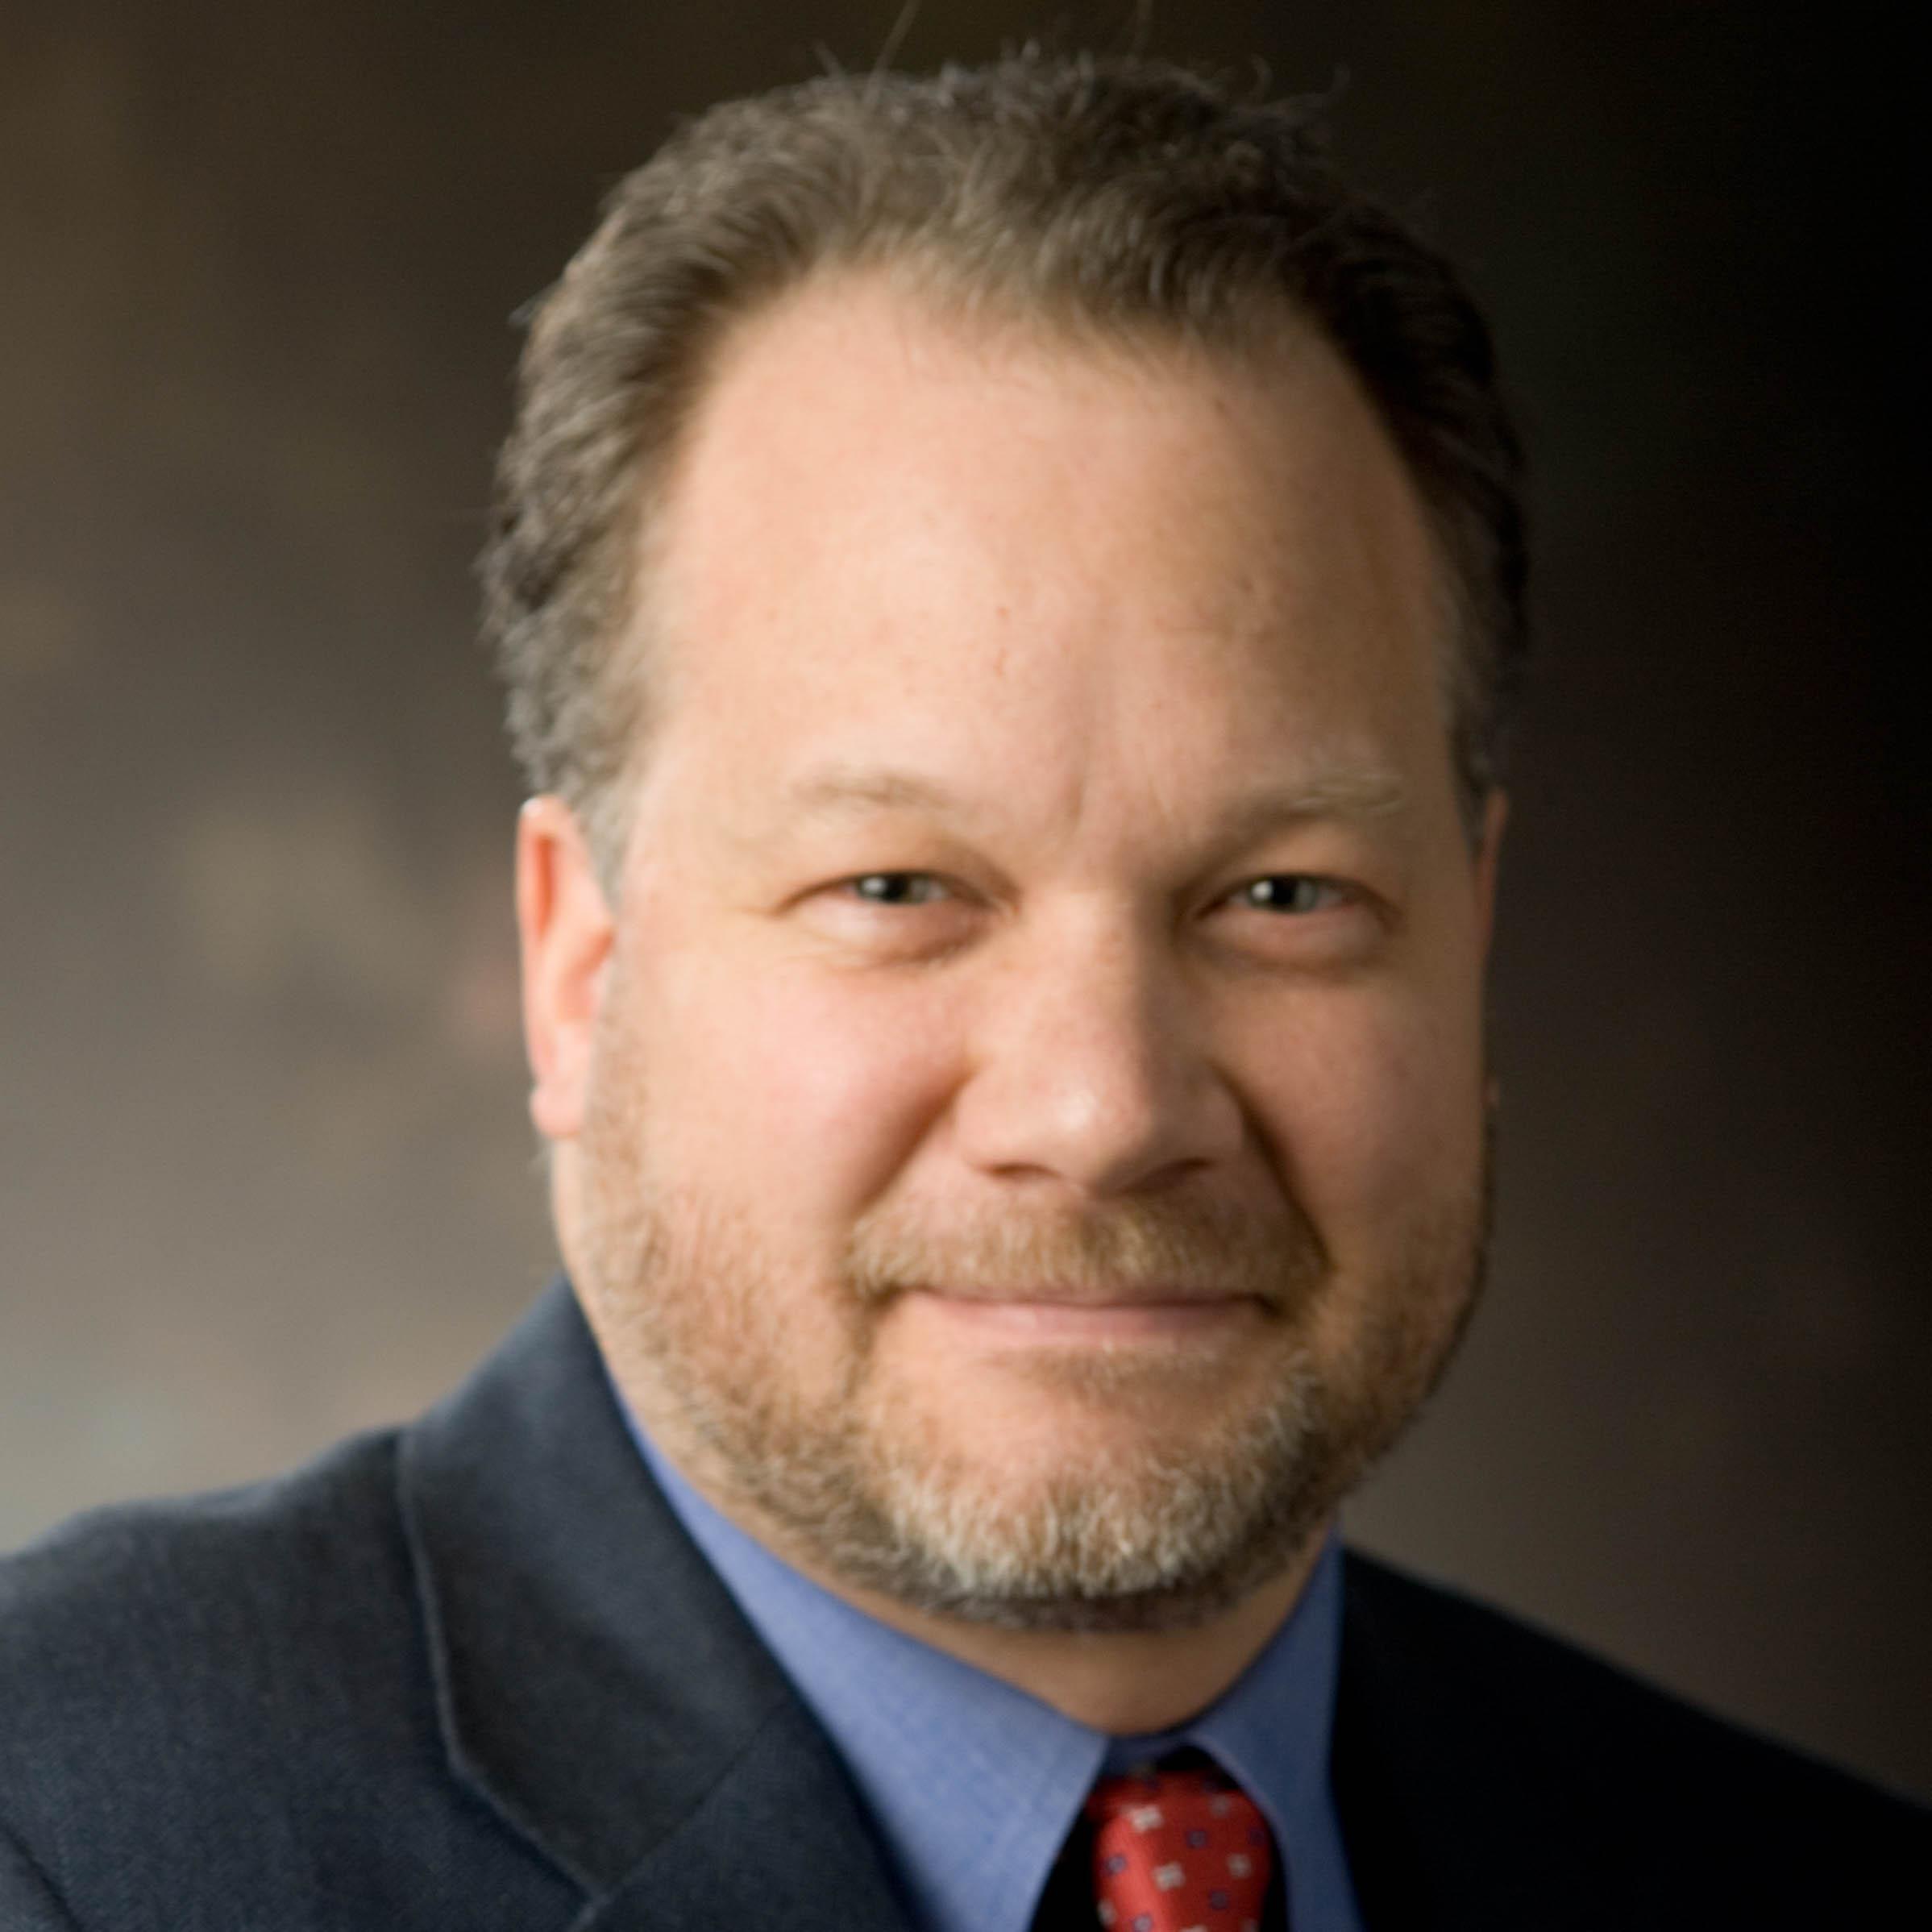 David Fiellin